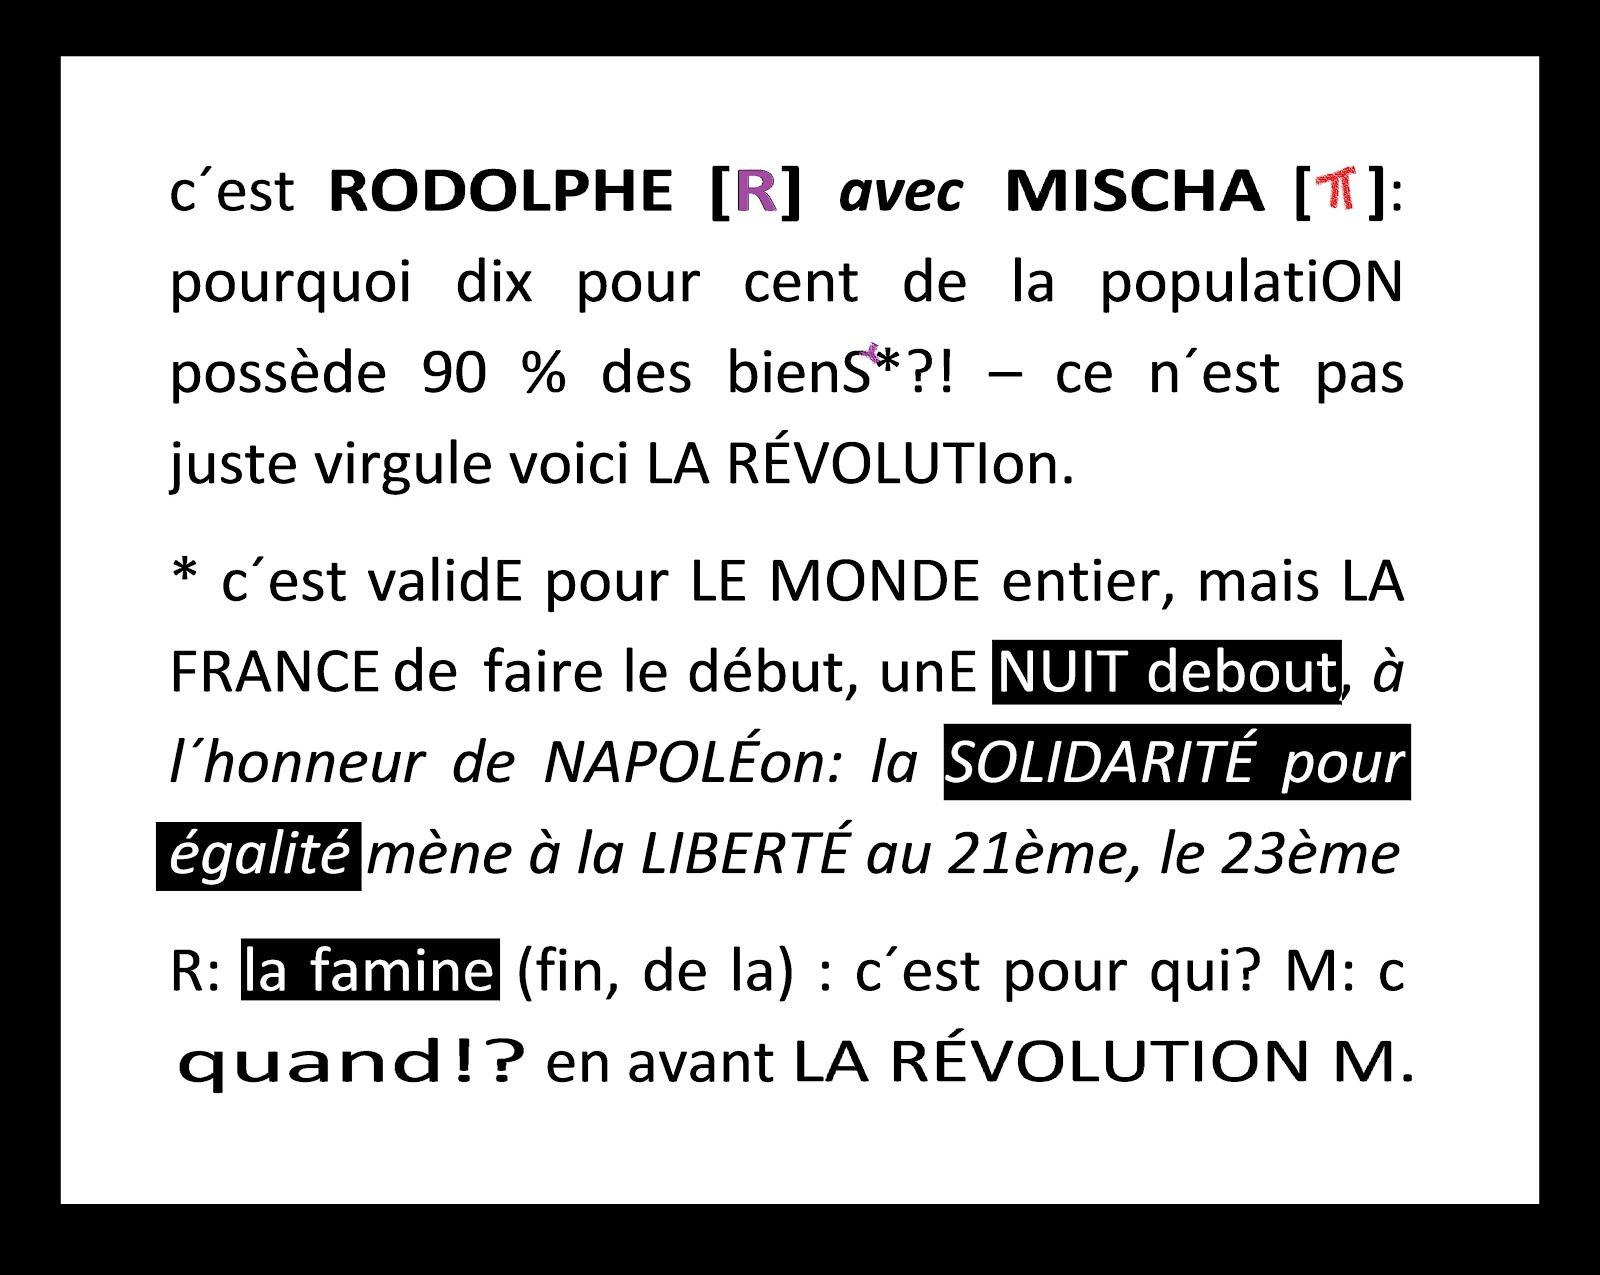 famine uno la révolution mentale mischa vetere solidarité napoléon égalité france nuit debout